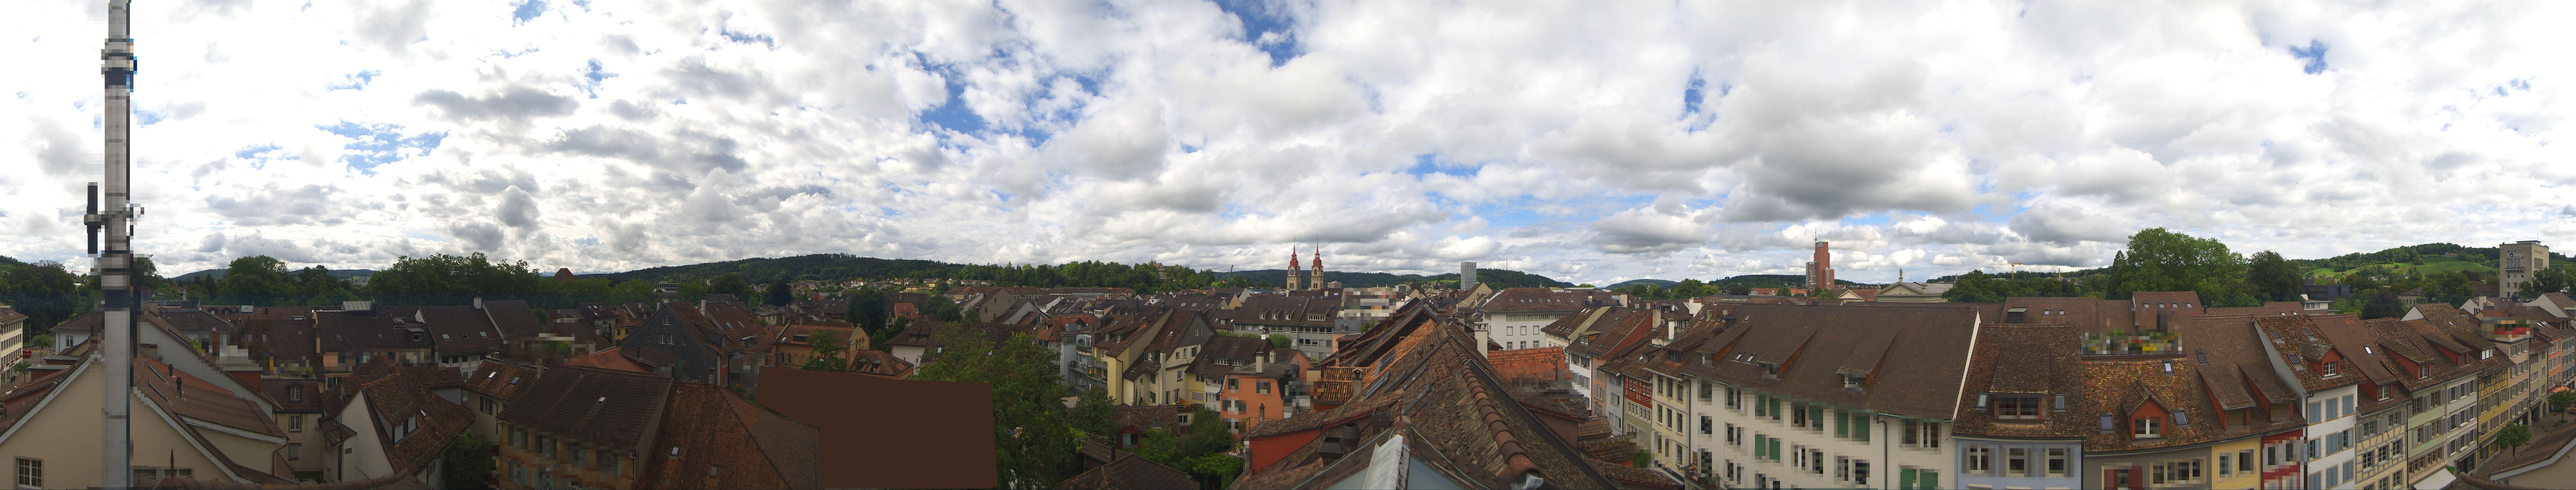 Winterthur: ° Panorama